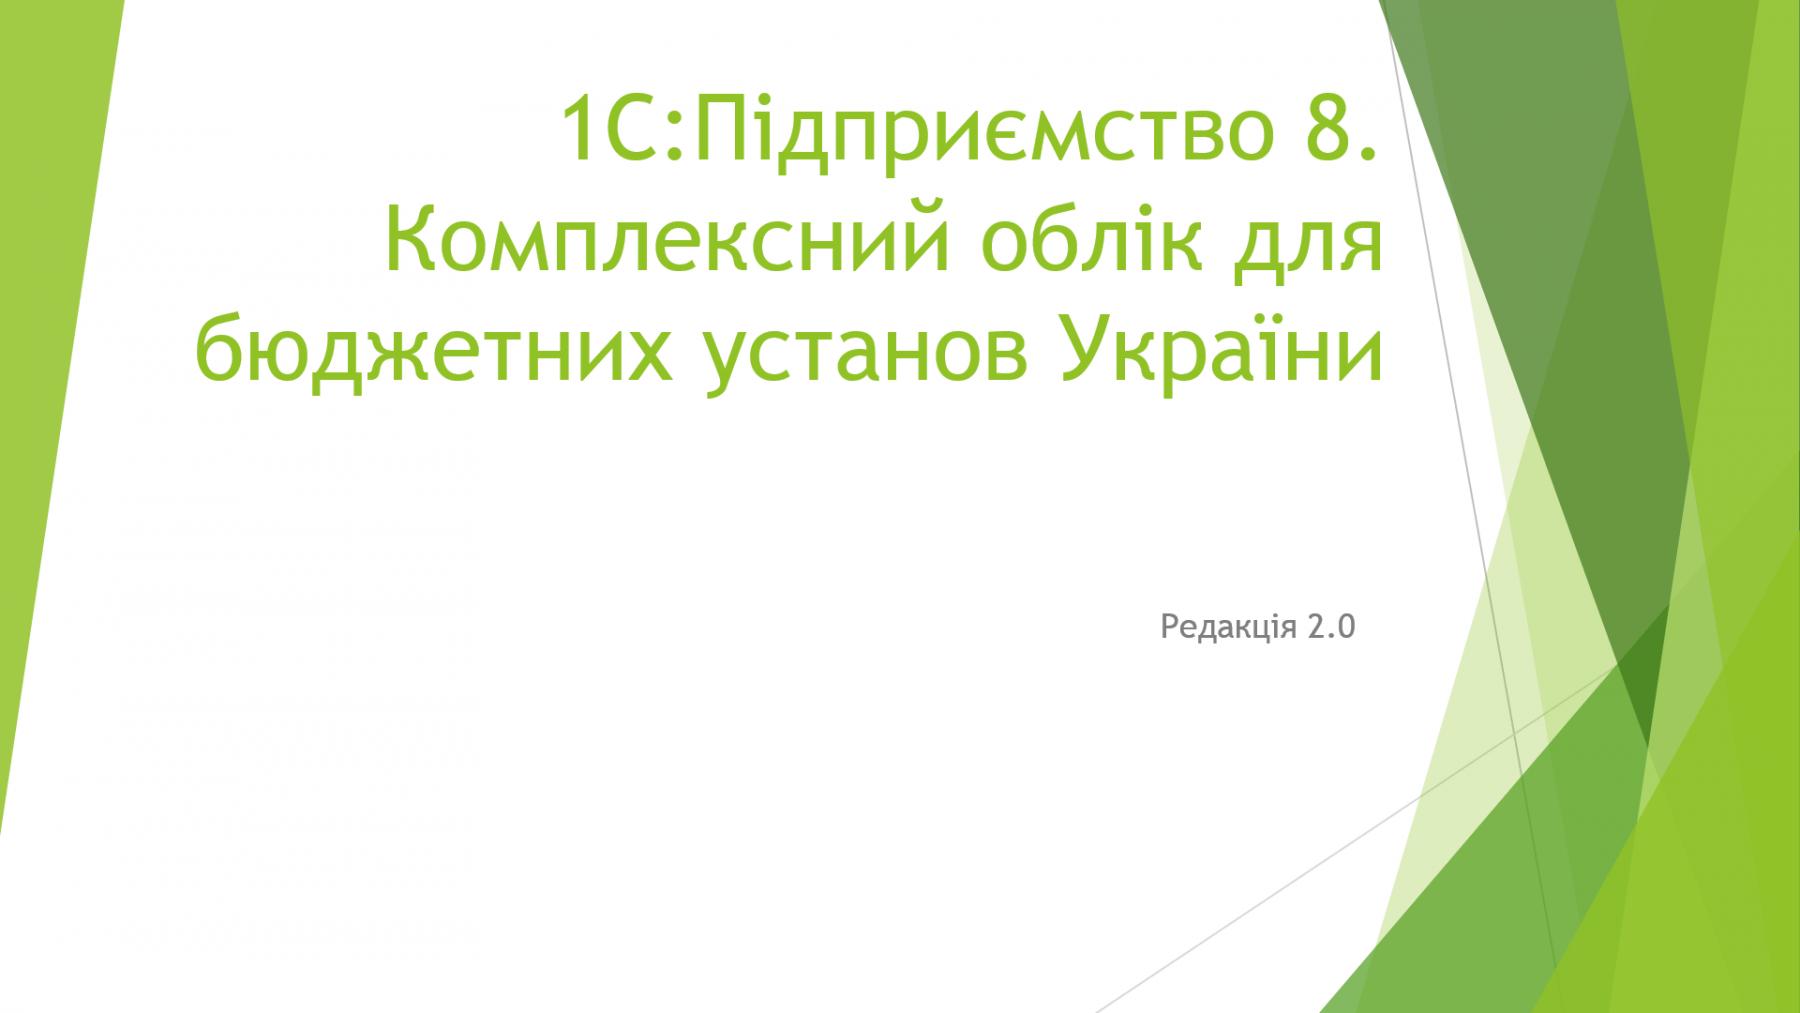 Презентація 1С:Бюджет 2.0